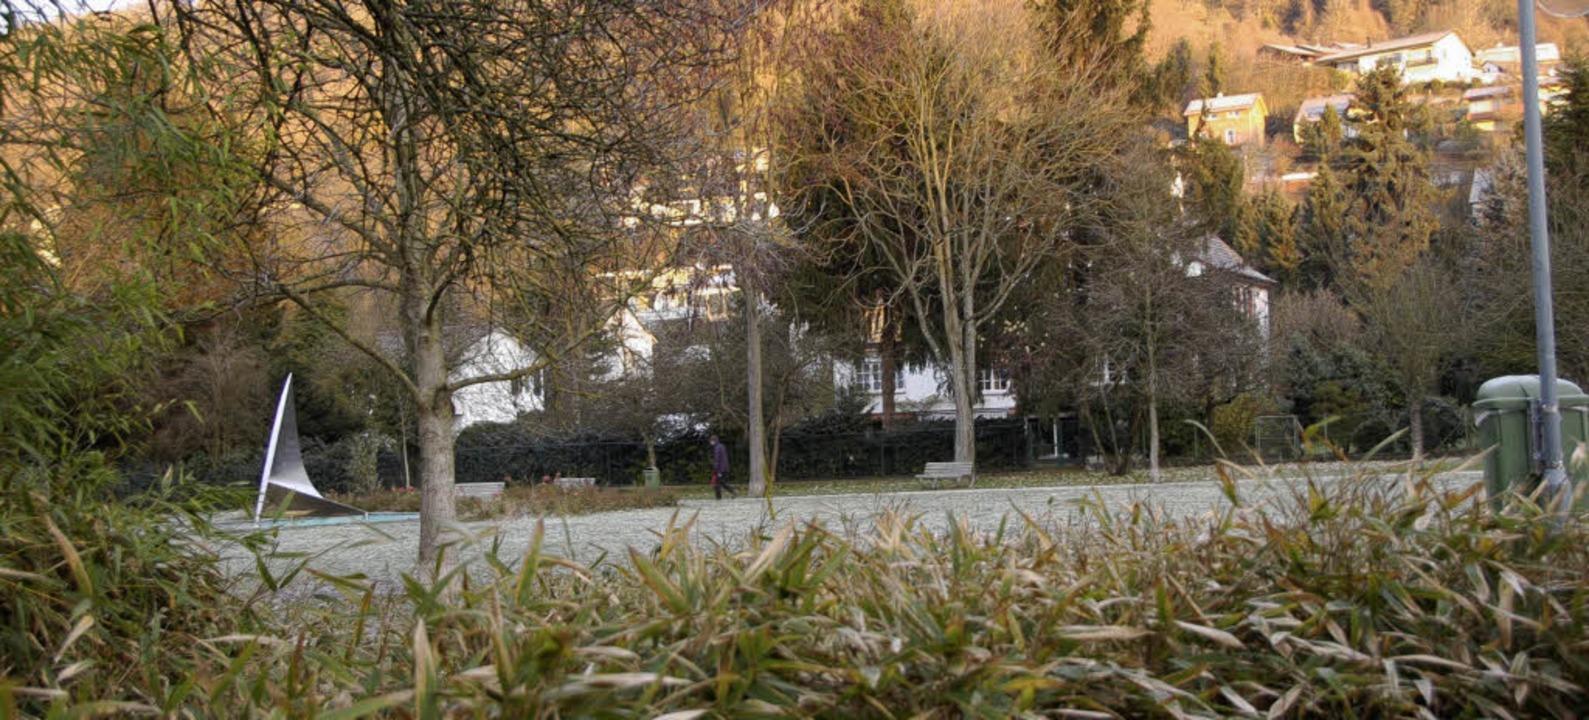 Für die Umgestaltung  des Emilienparke...huss wird heute darüber diskutiert.     | Foto: BZ-Archiv